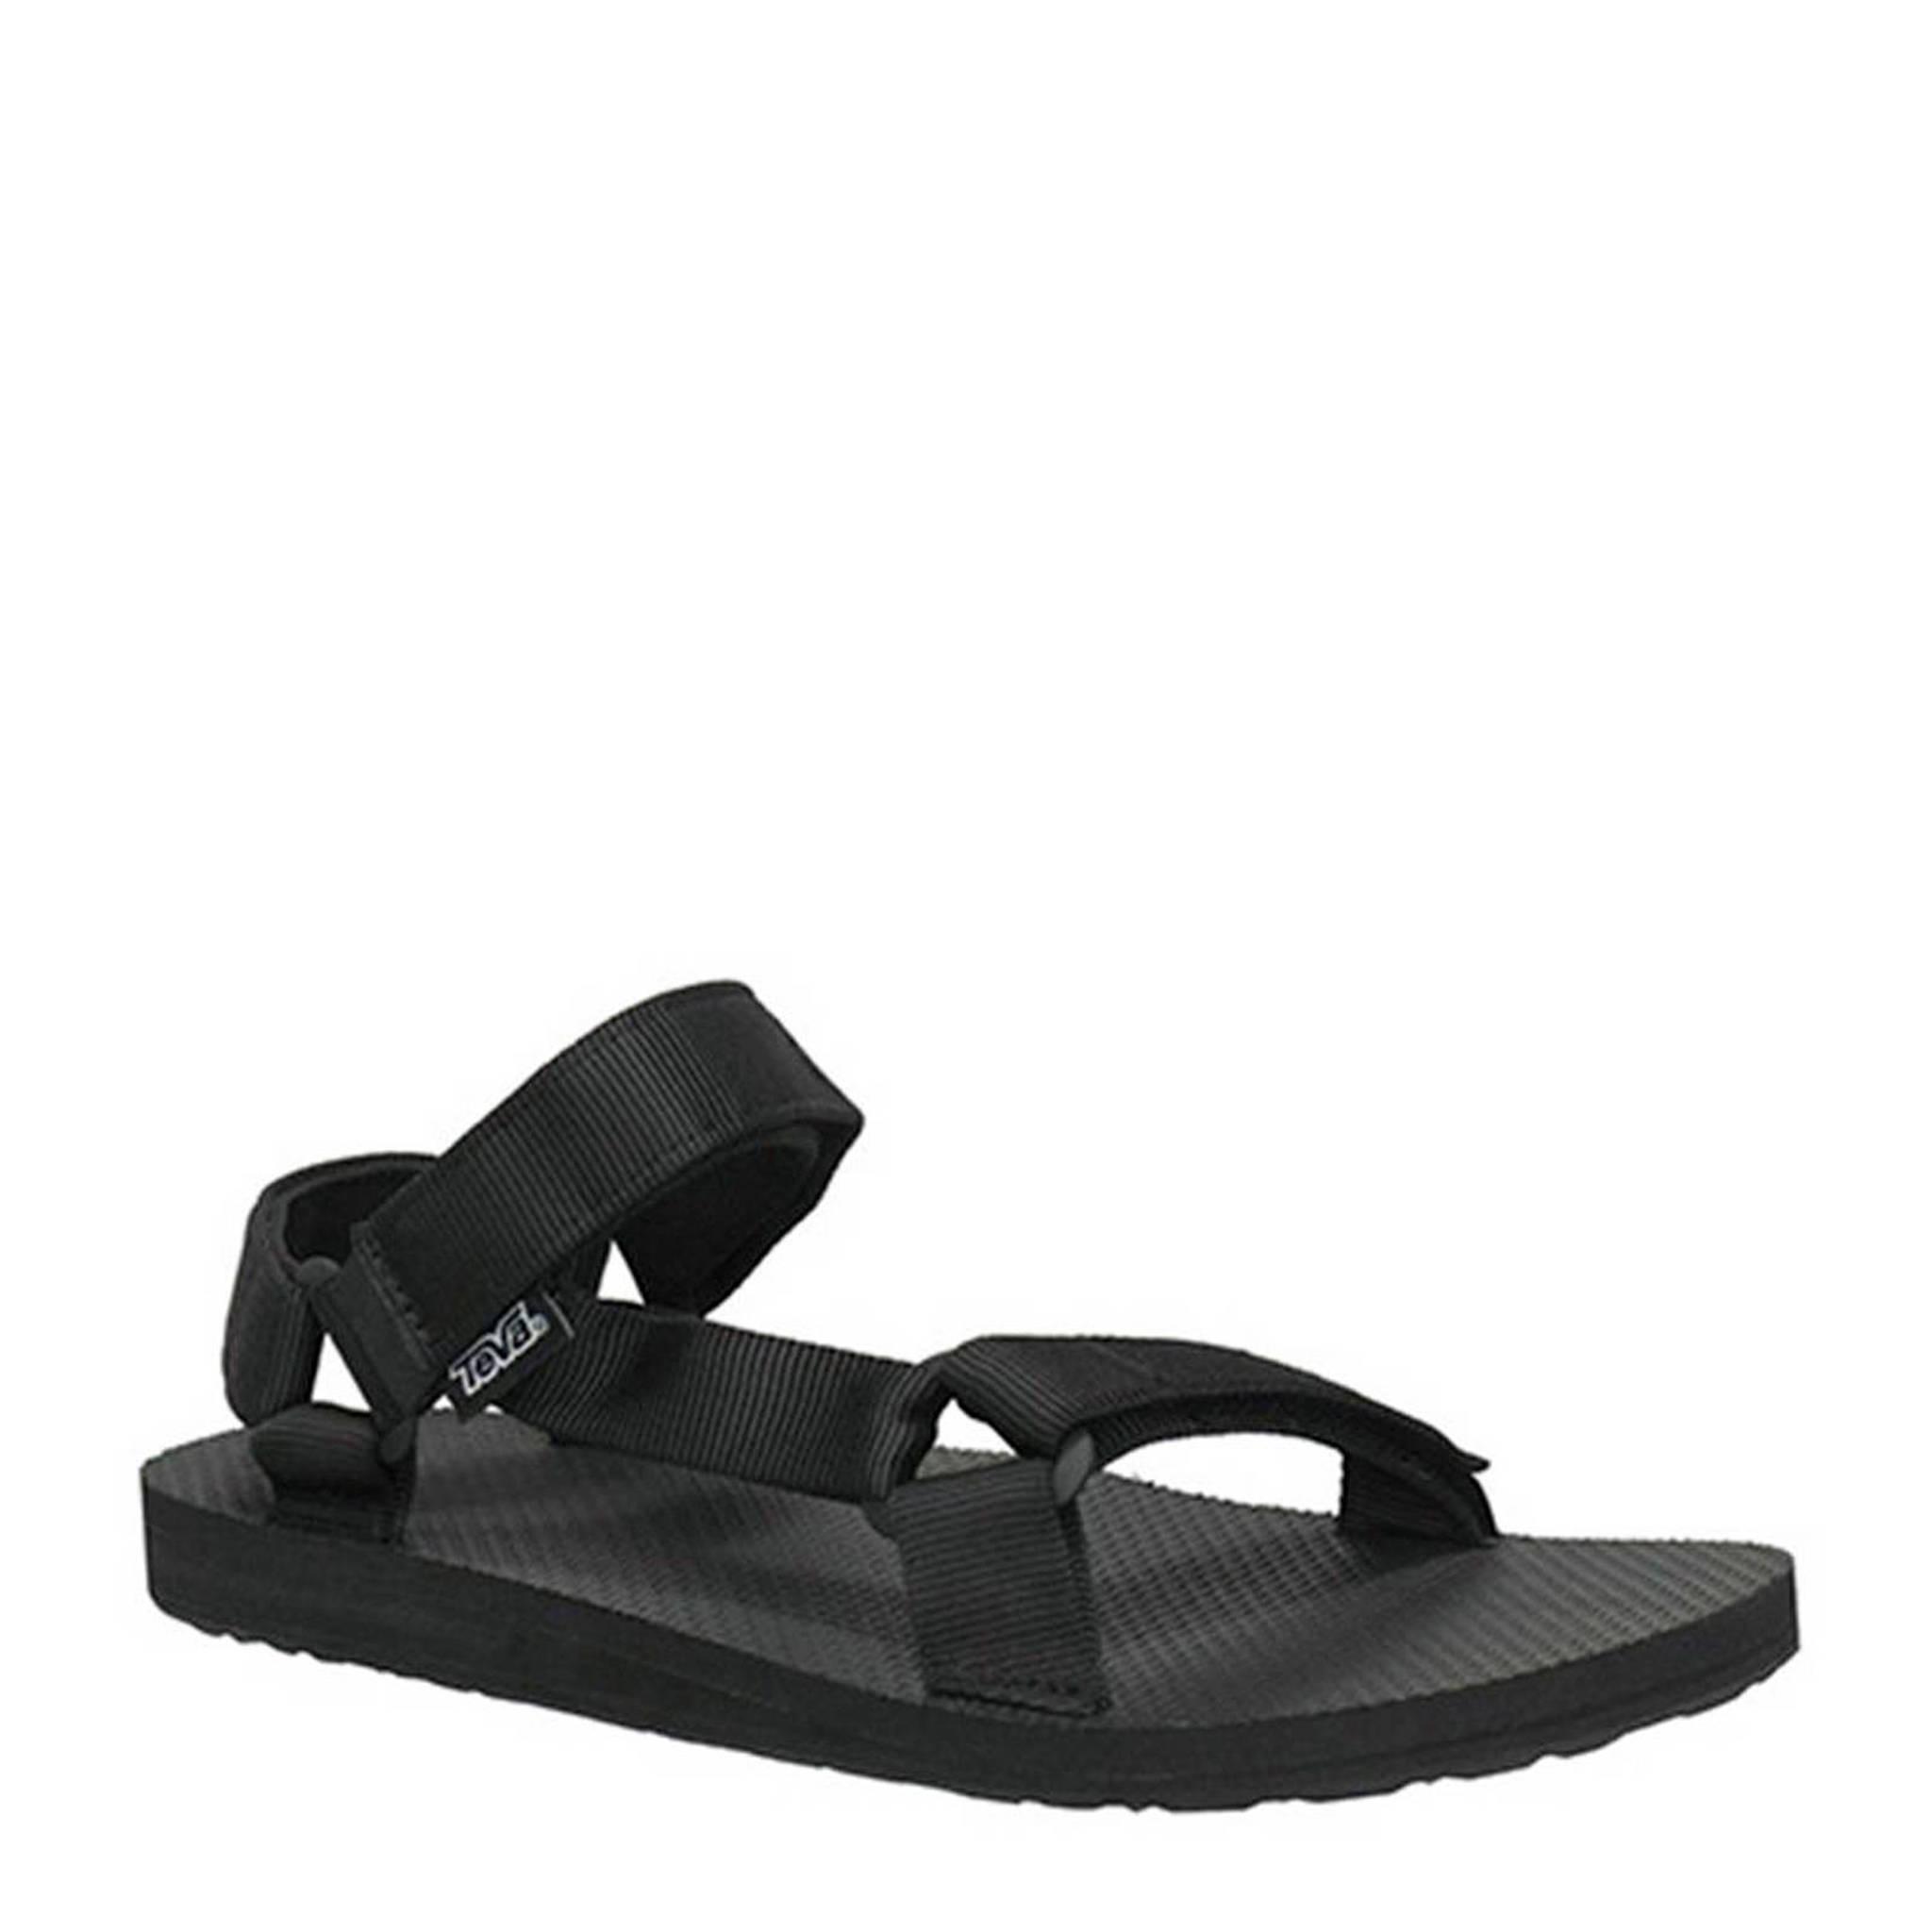 100% authentic d4d8c 8e00a Original Universal outdoor sandalen